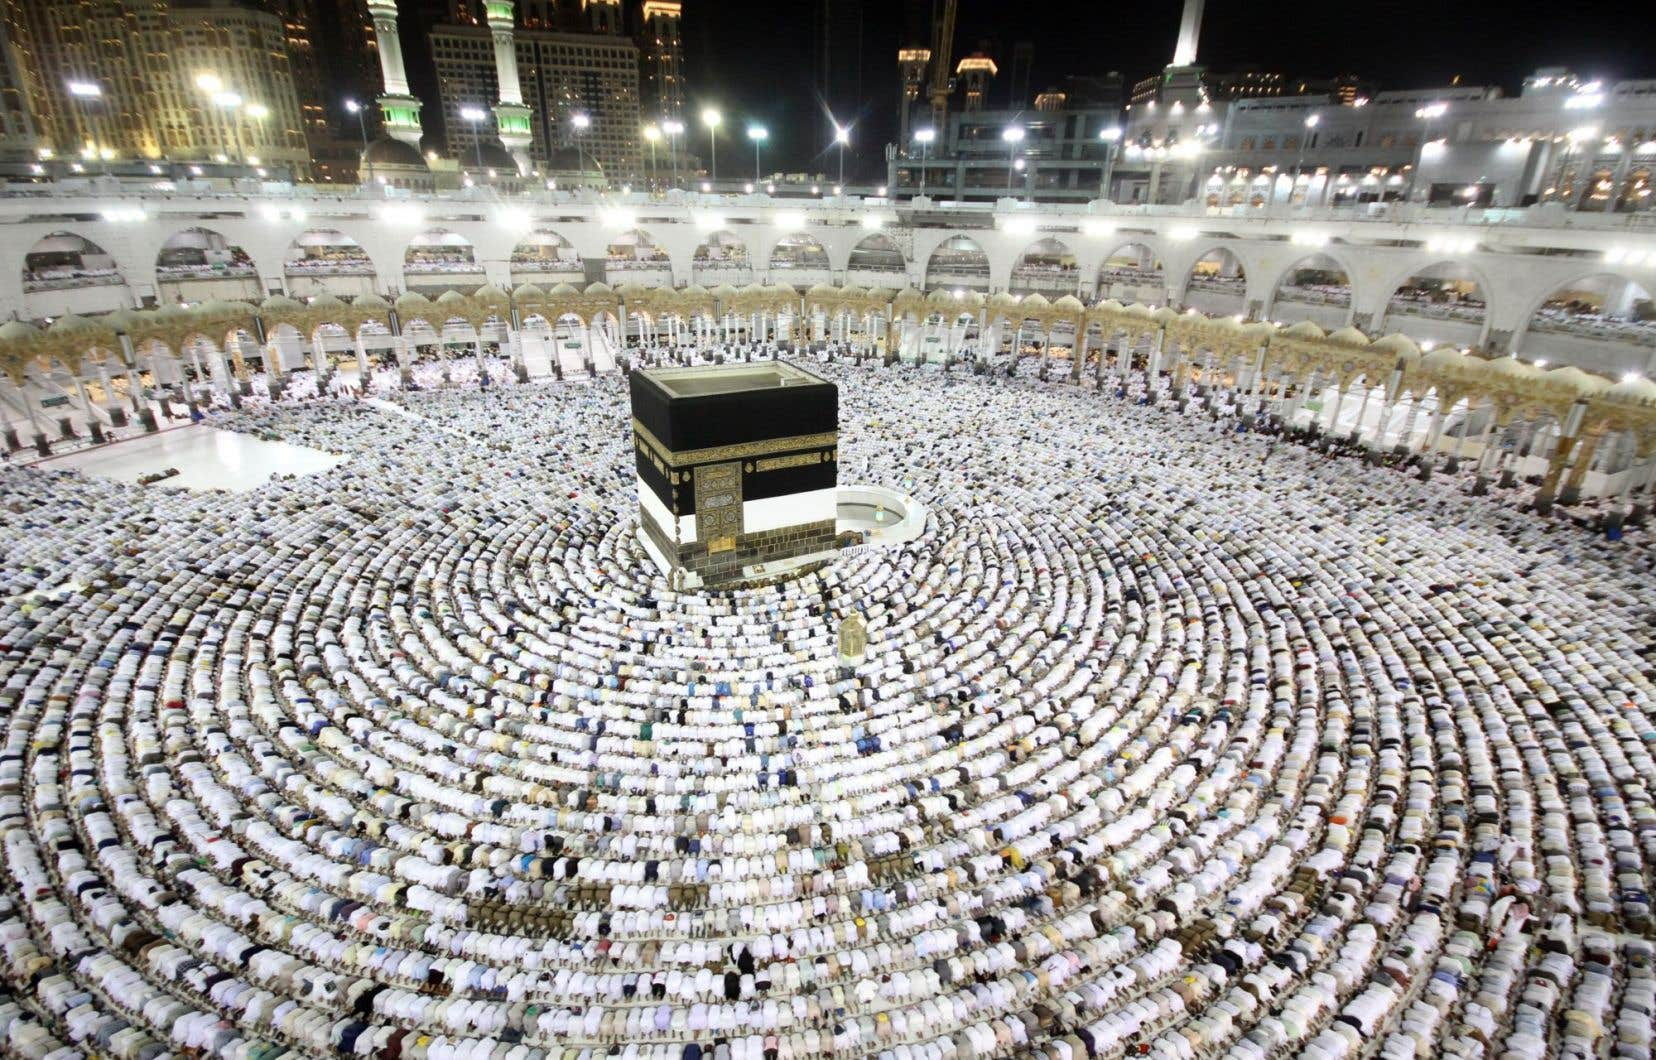 À son arrivée à La Mecque, les pèlerins font sept fois le tour de la Kaaba, autour de laquelle a été construite la Grande Mosquée.